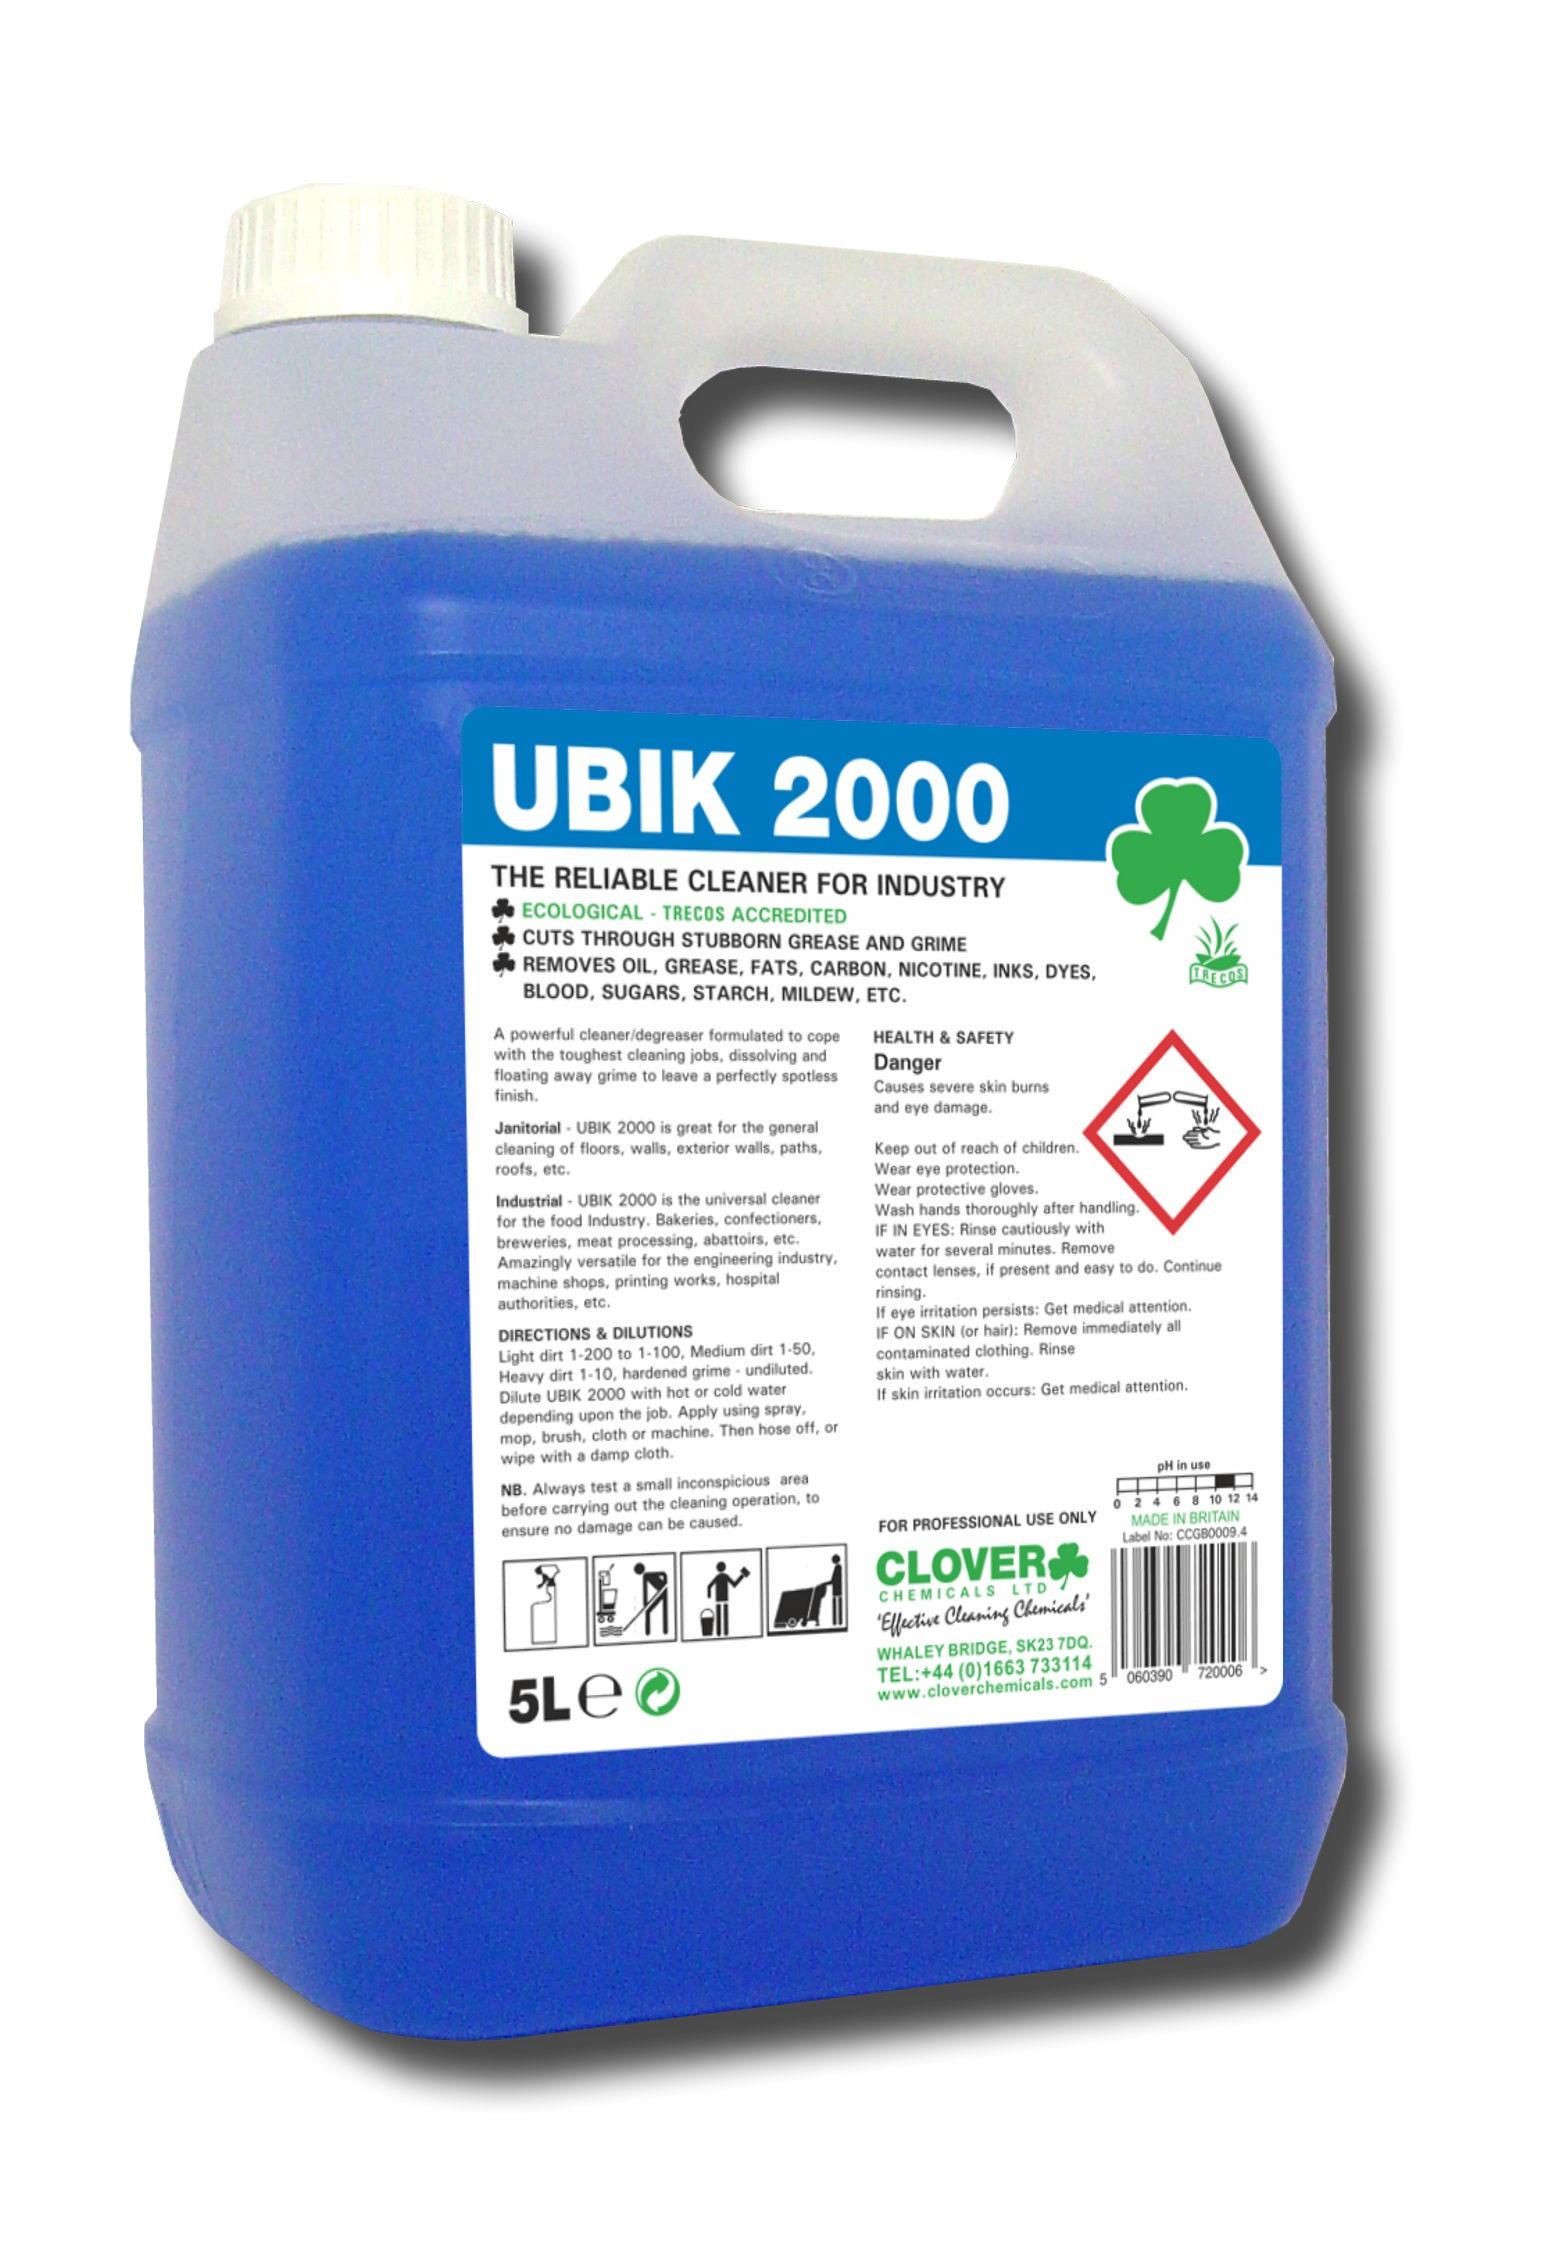 Ubik 2000